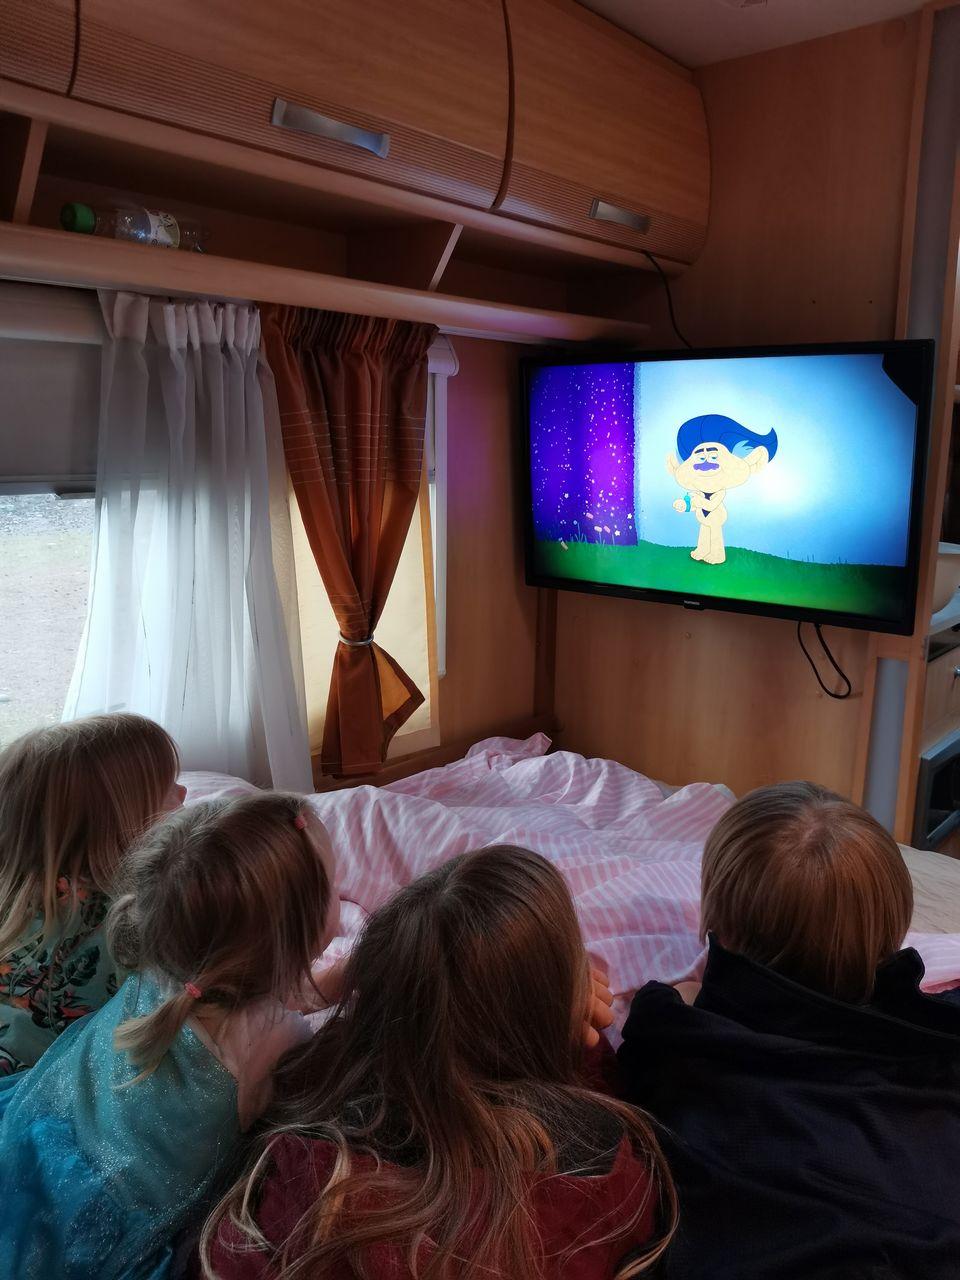 Lapset katselevat televisiota asuntovaunussa.